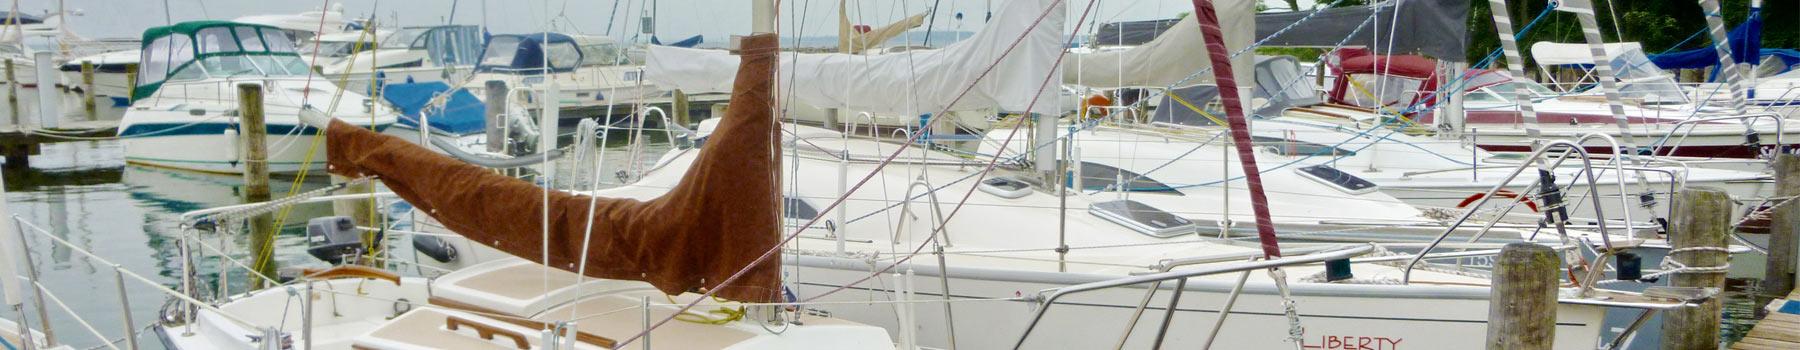 Yachten schmal - Sun Sailing Müritz